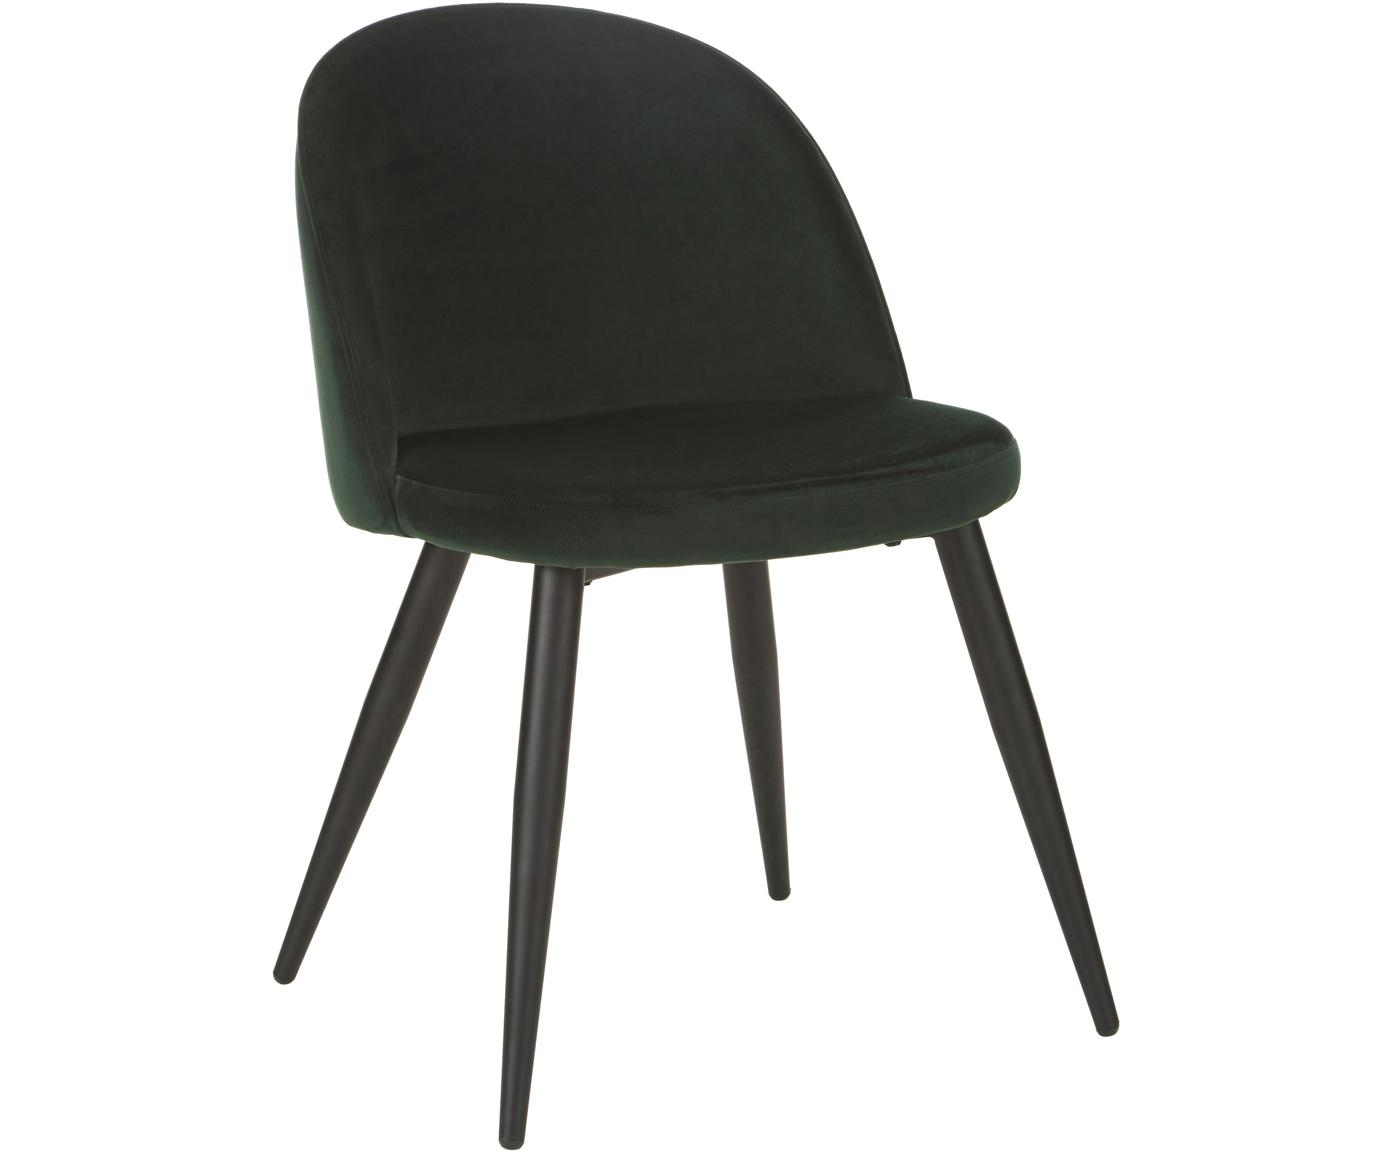 Moderne fluwelen stoelen Amy, 2 stuks, Bekleding: fluweel (polyester), Poten: gepoedercoat metaal, Groen, B 47 x D 55 cm